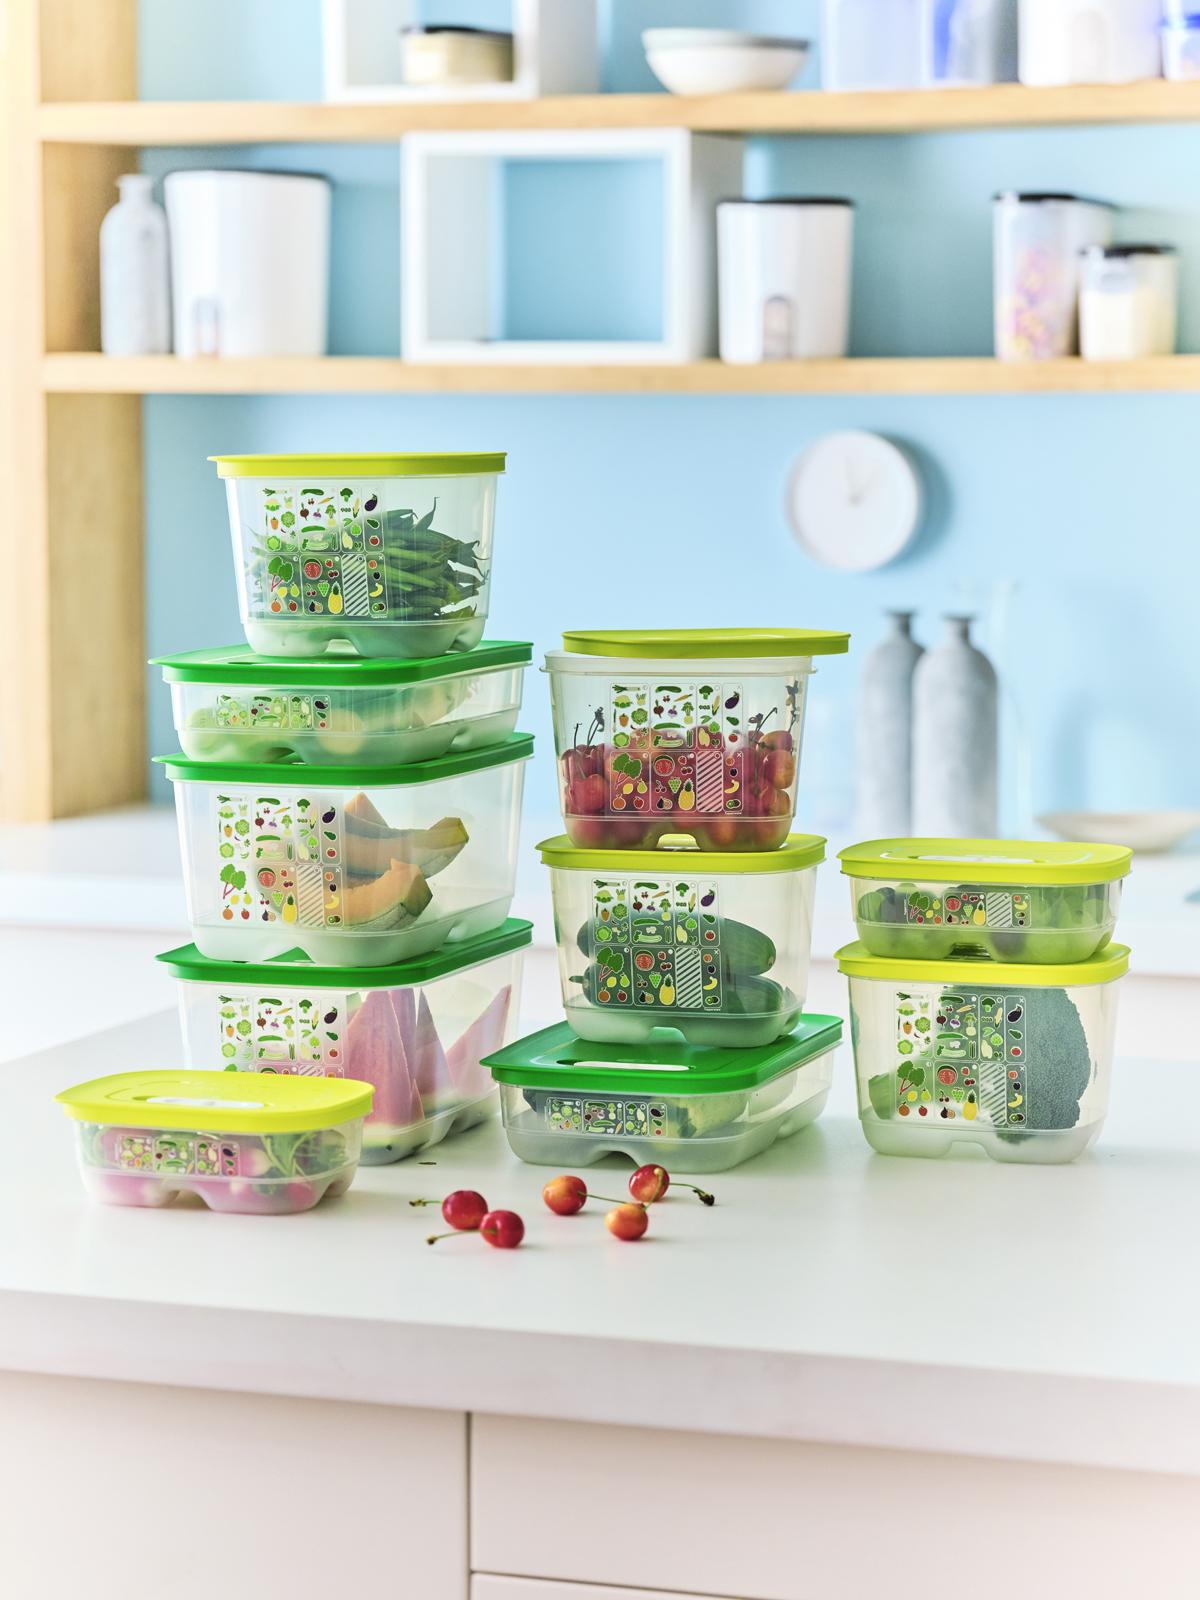 Hộp bảo quản thực phẩm của Tupperware giúp đồ ăn tươi ngon.